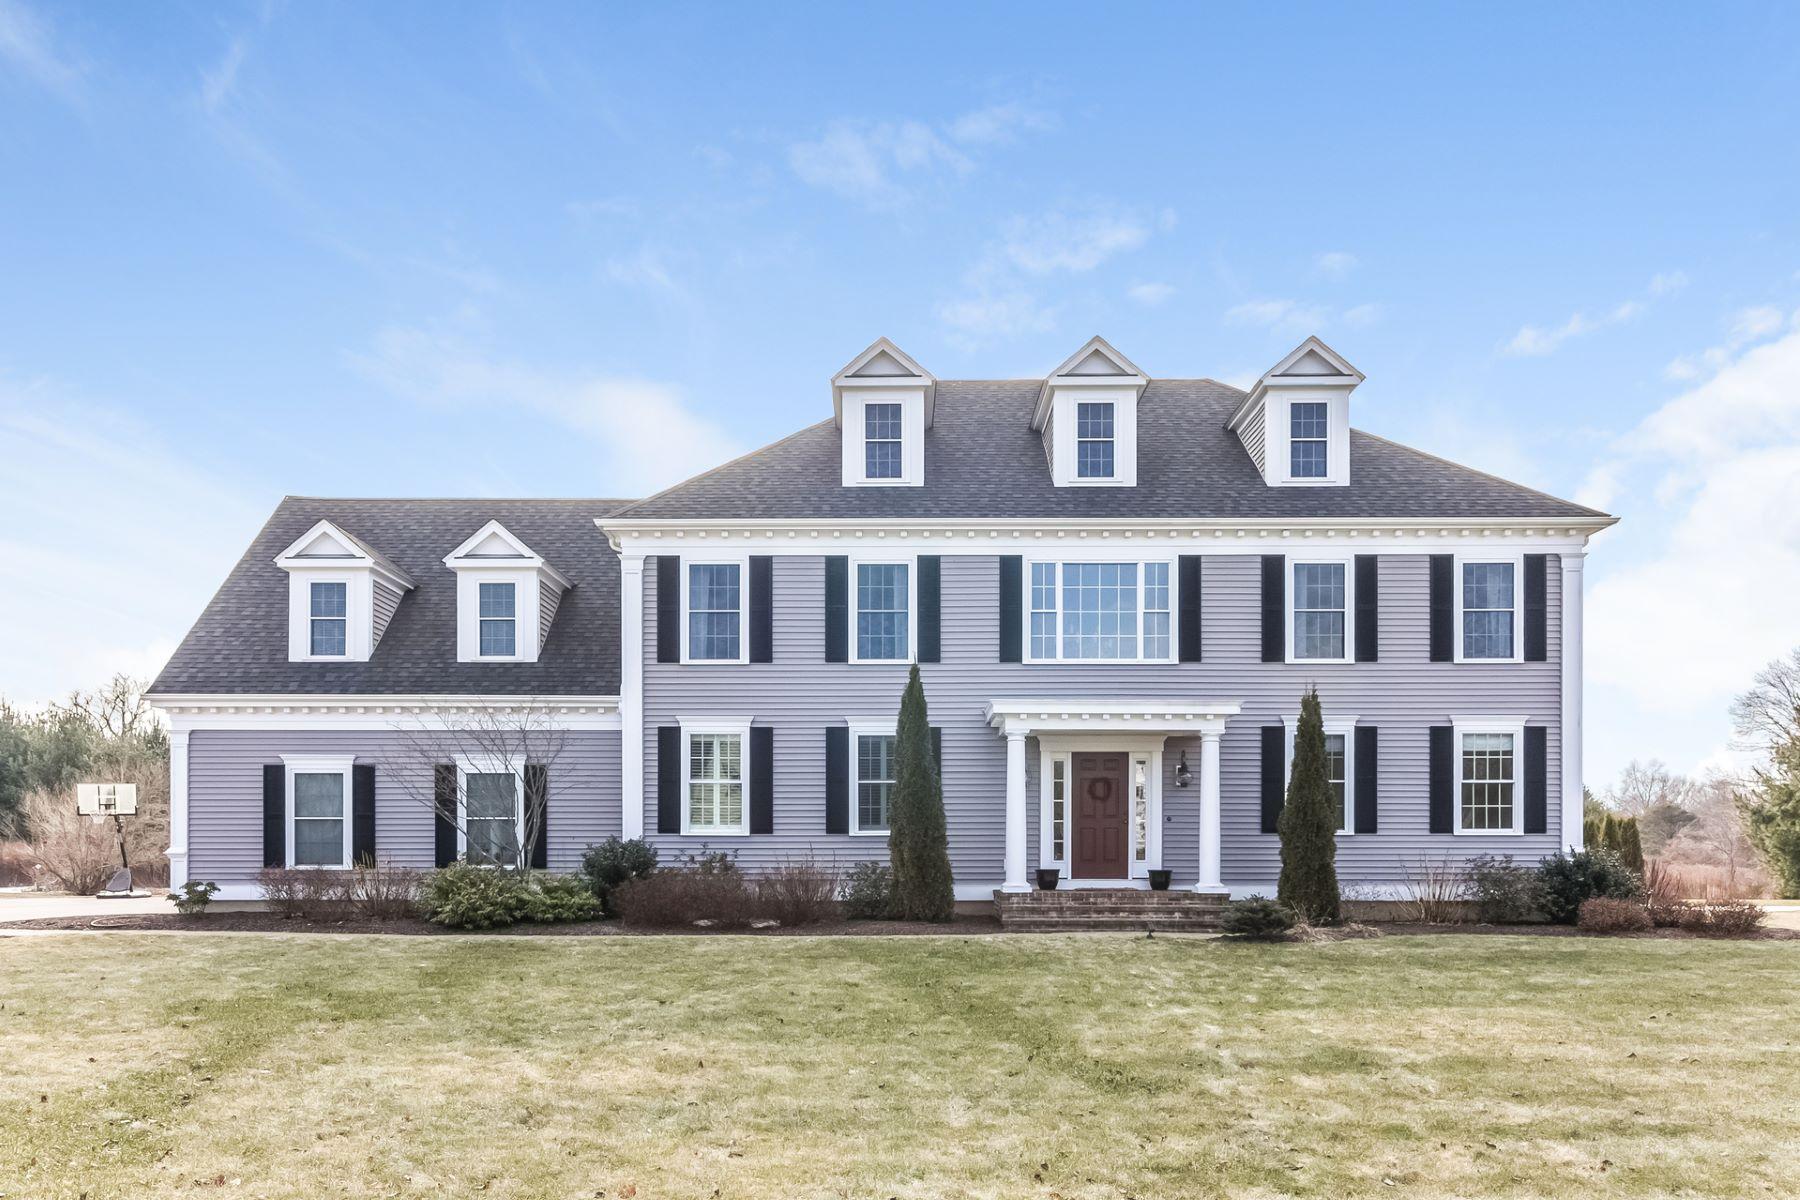 Villa per Vendita alle ore Five year old Colonial in Southwick Subdivision of Madison 26 Allison Drive, Madison, Connecticut, 06443 Stati Uniti